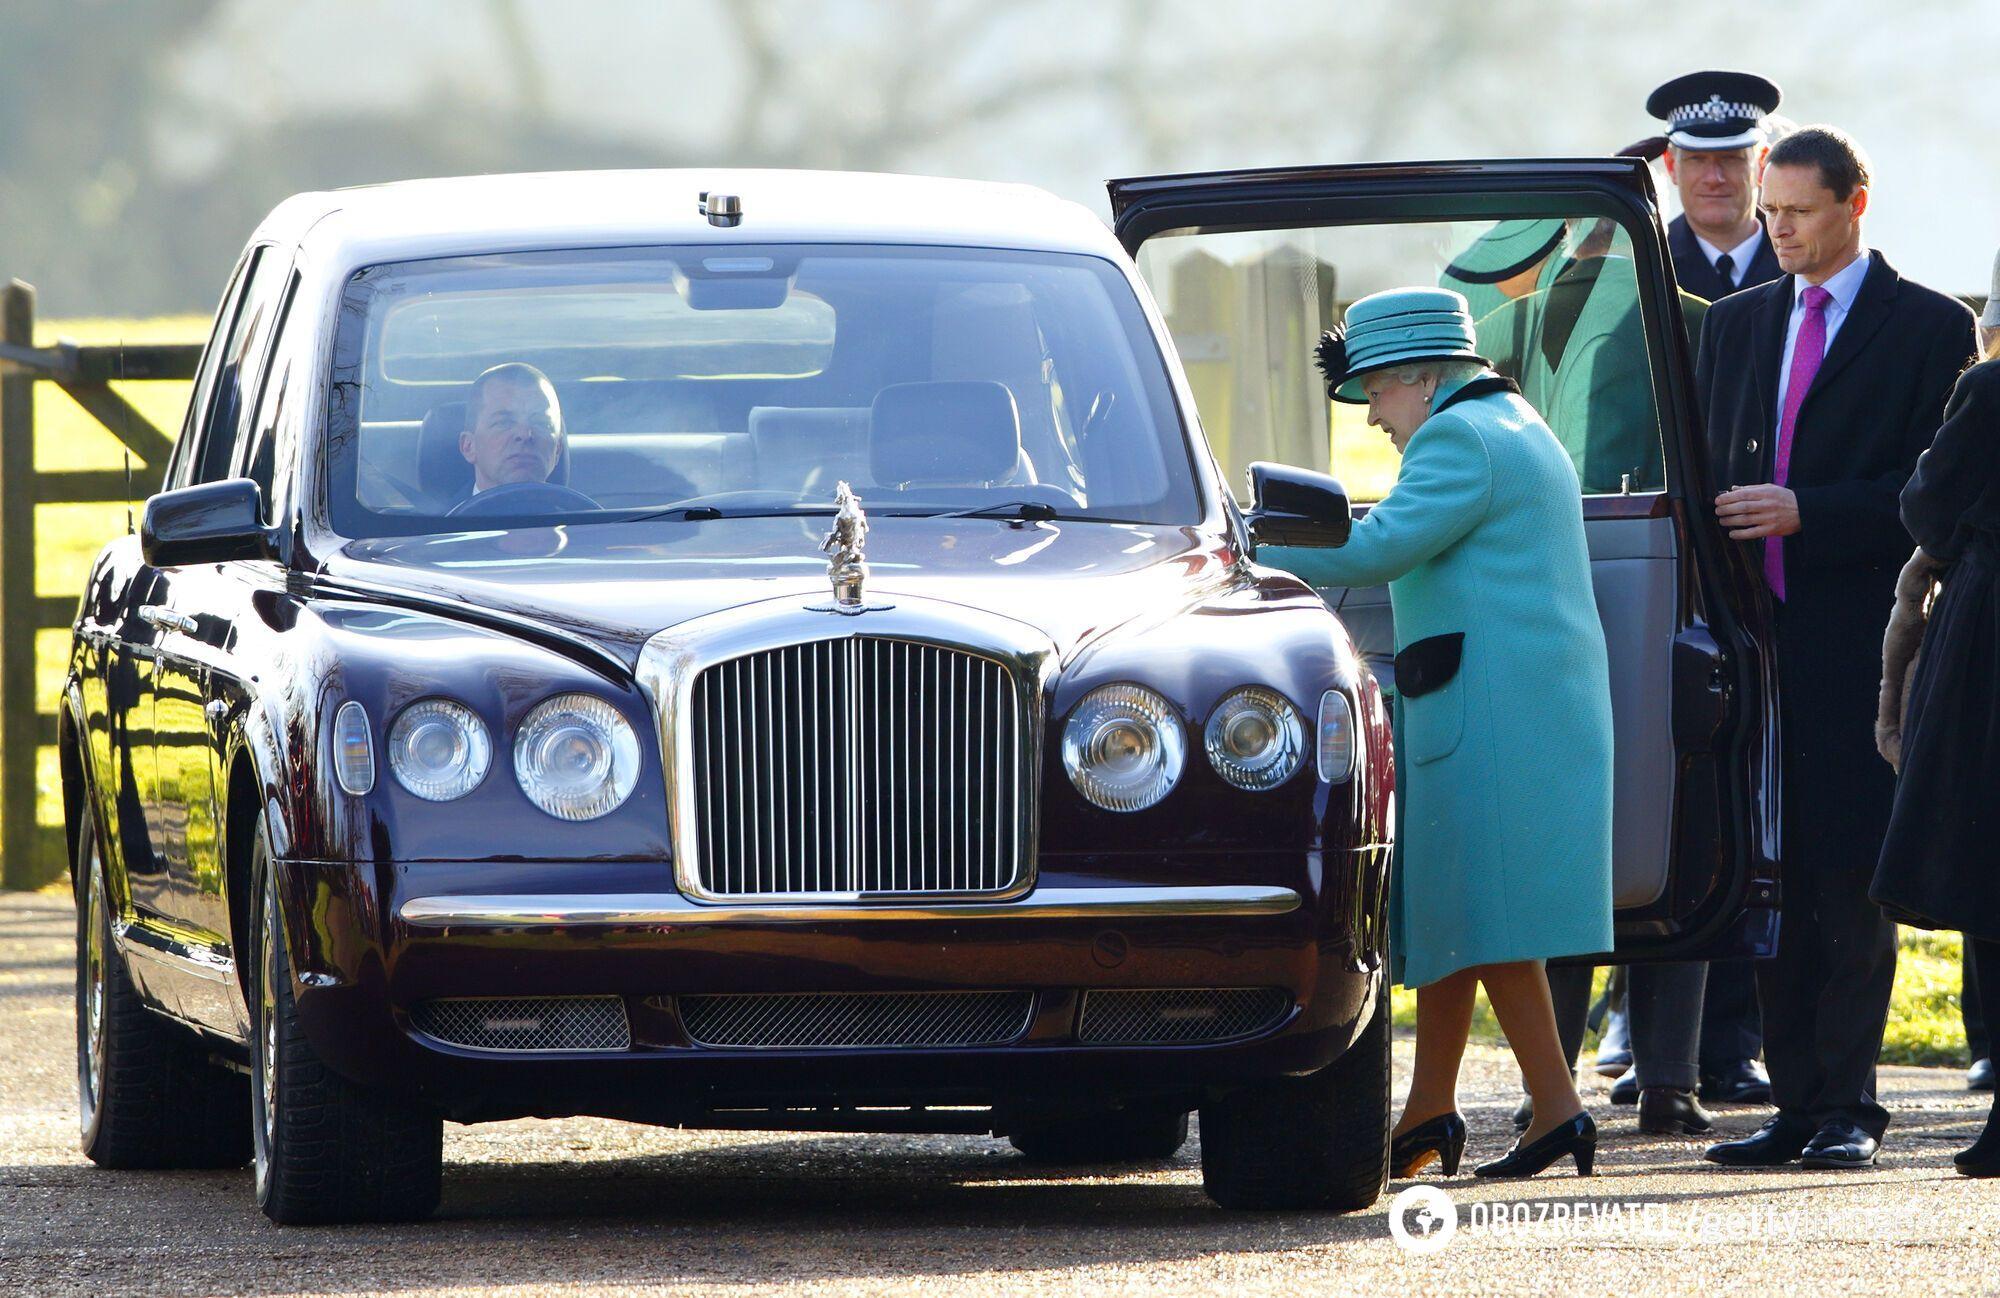 Автомобили Bentley известны своими дорогими и роскошными моделями.